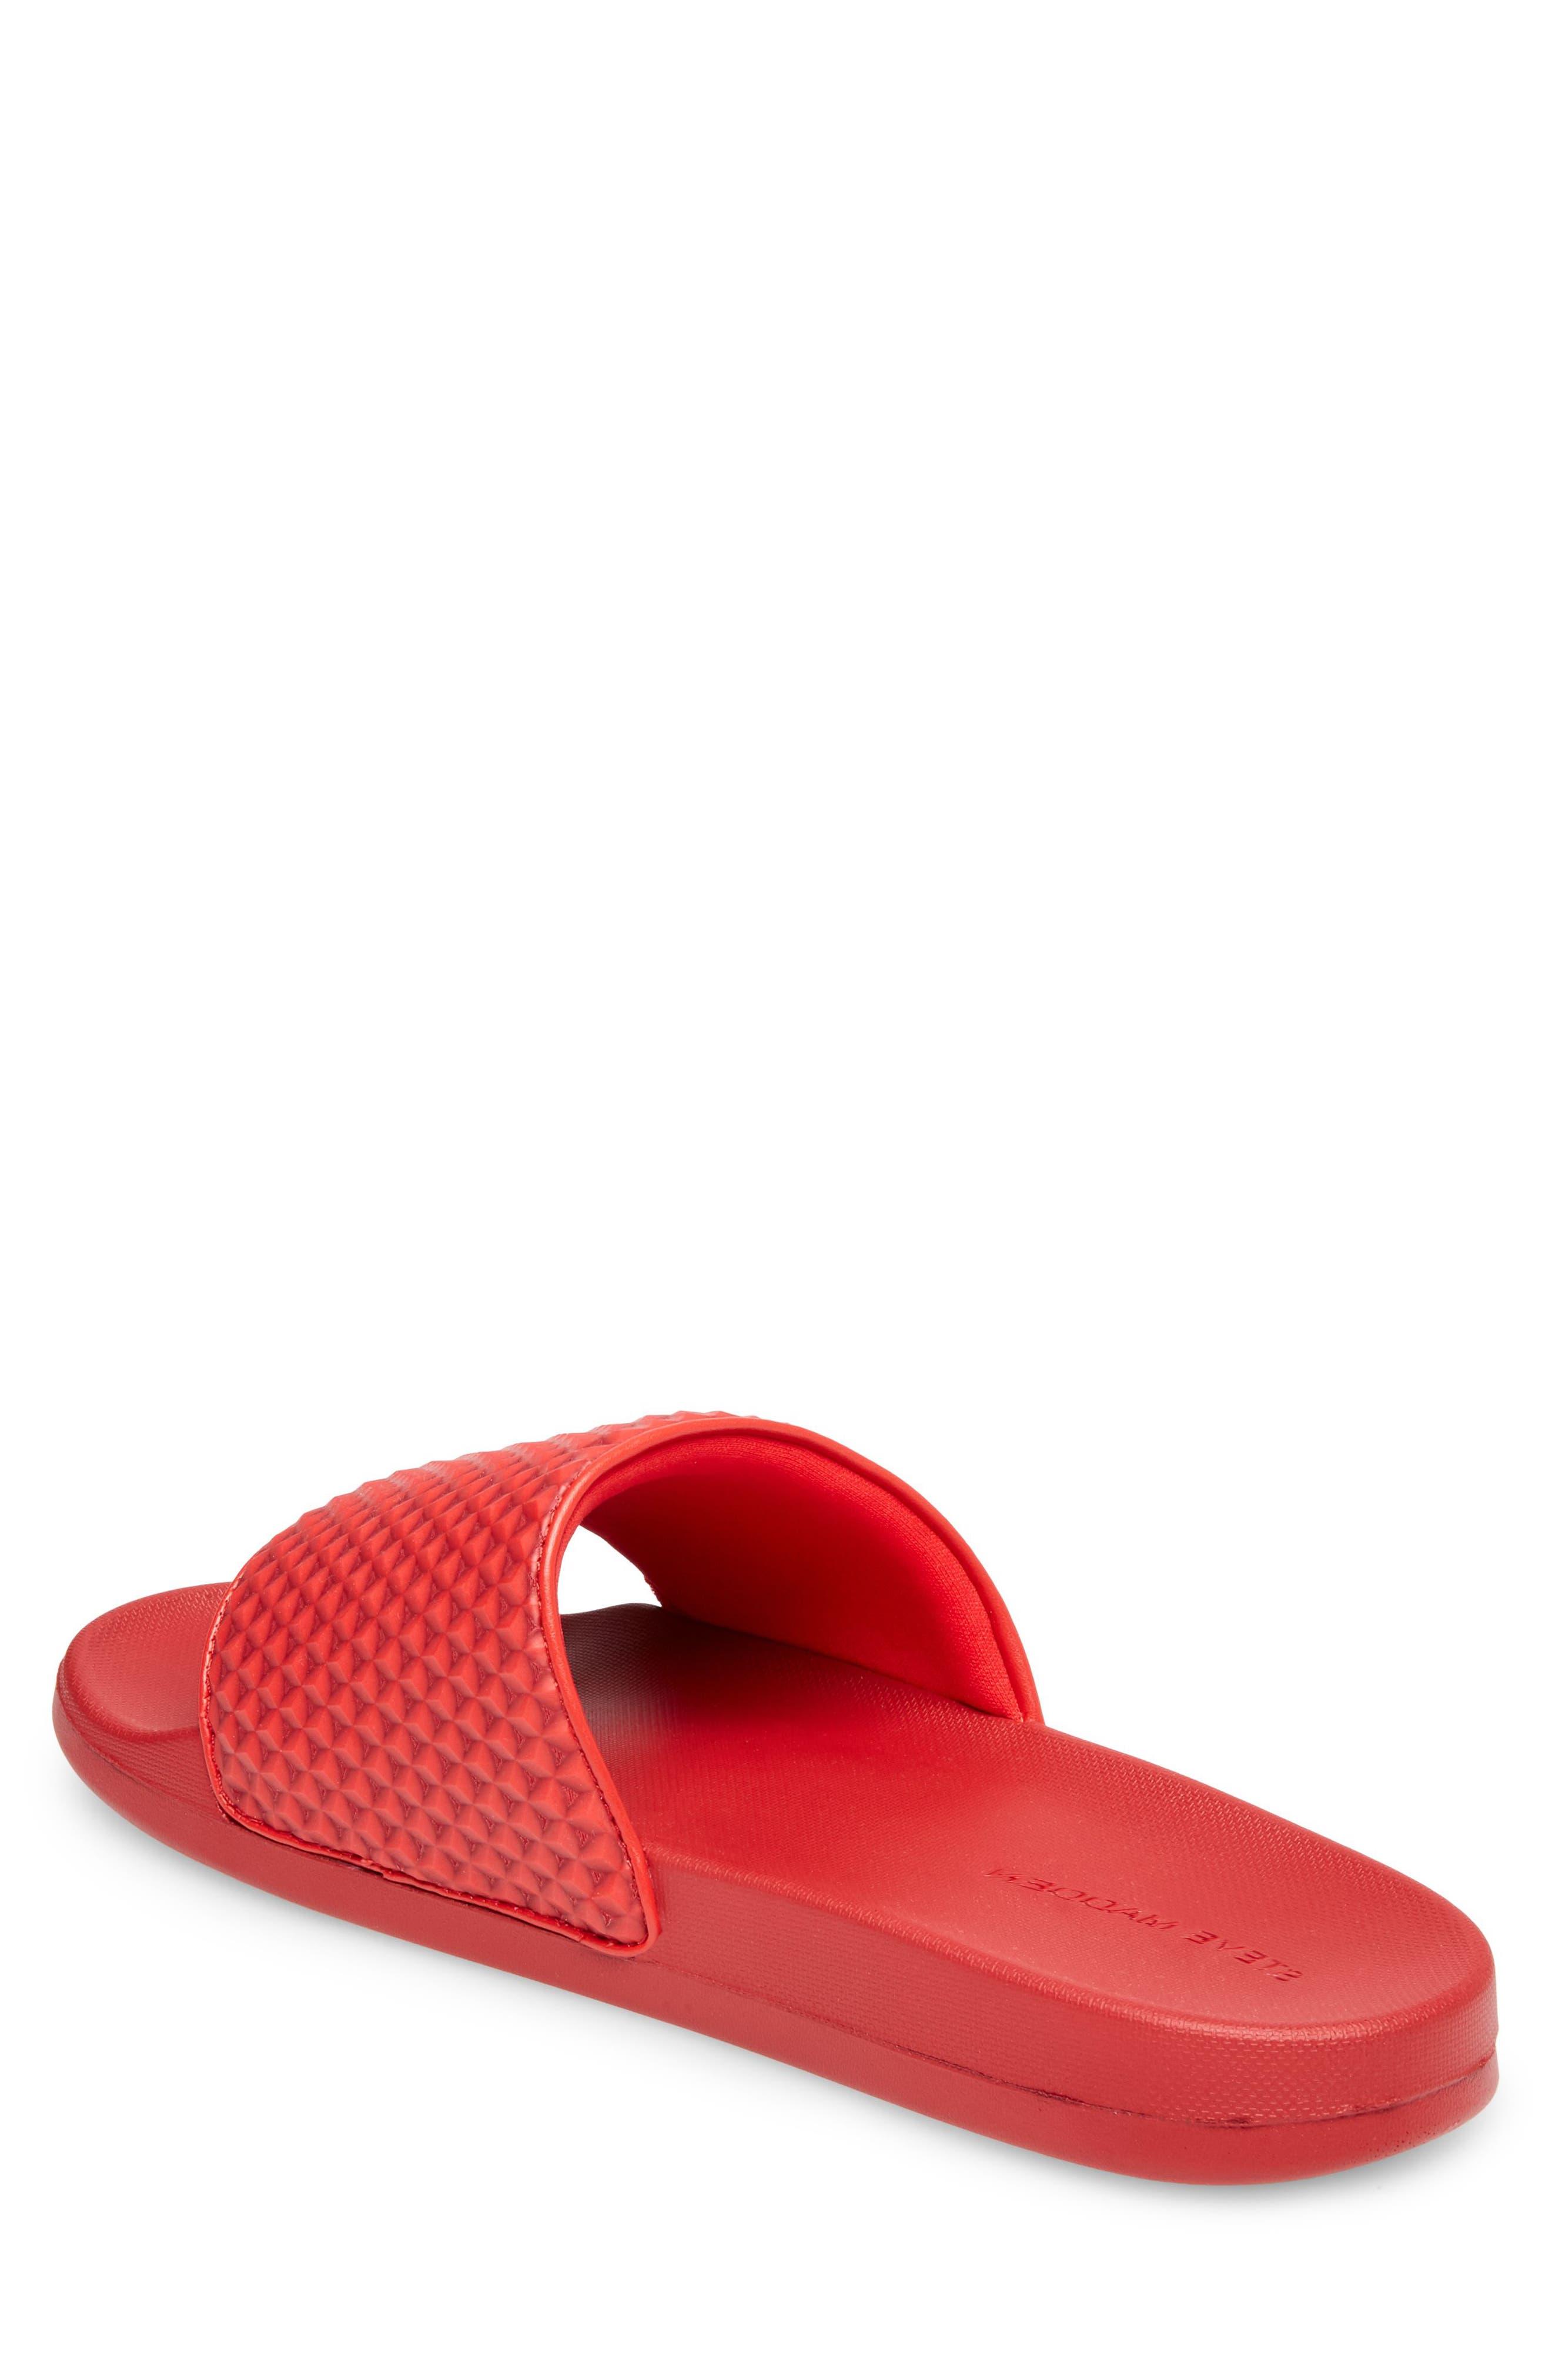 Riptide Slide Sandal,                             Alternate thumbnail 2, color,                             Red